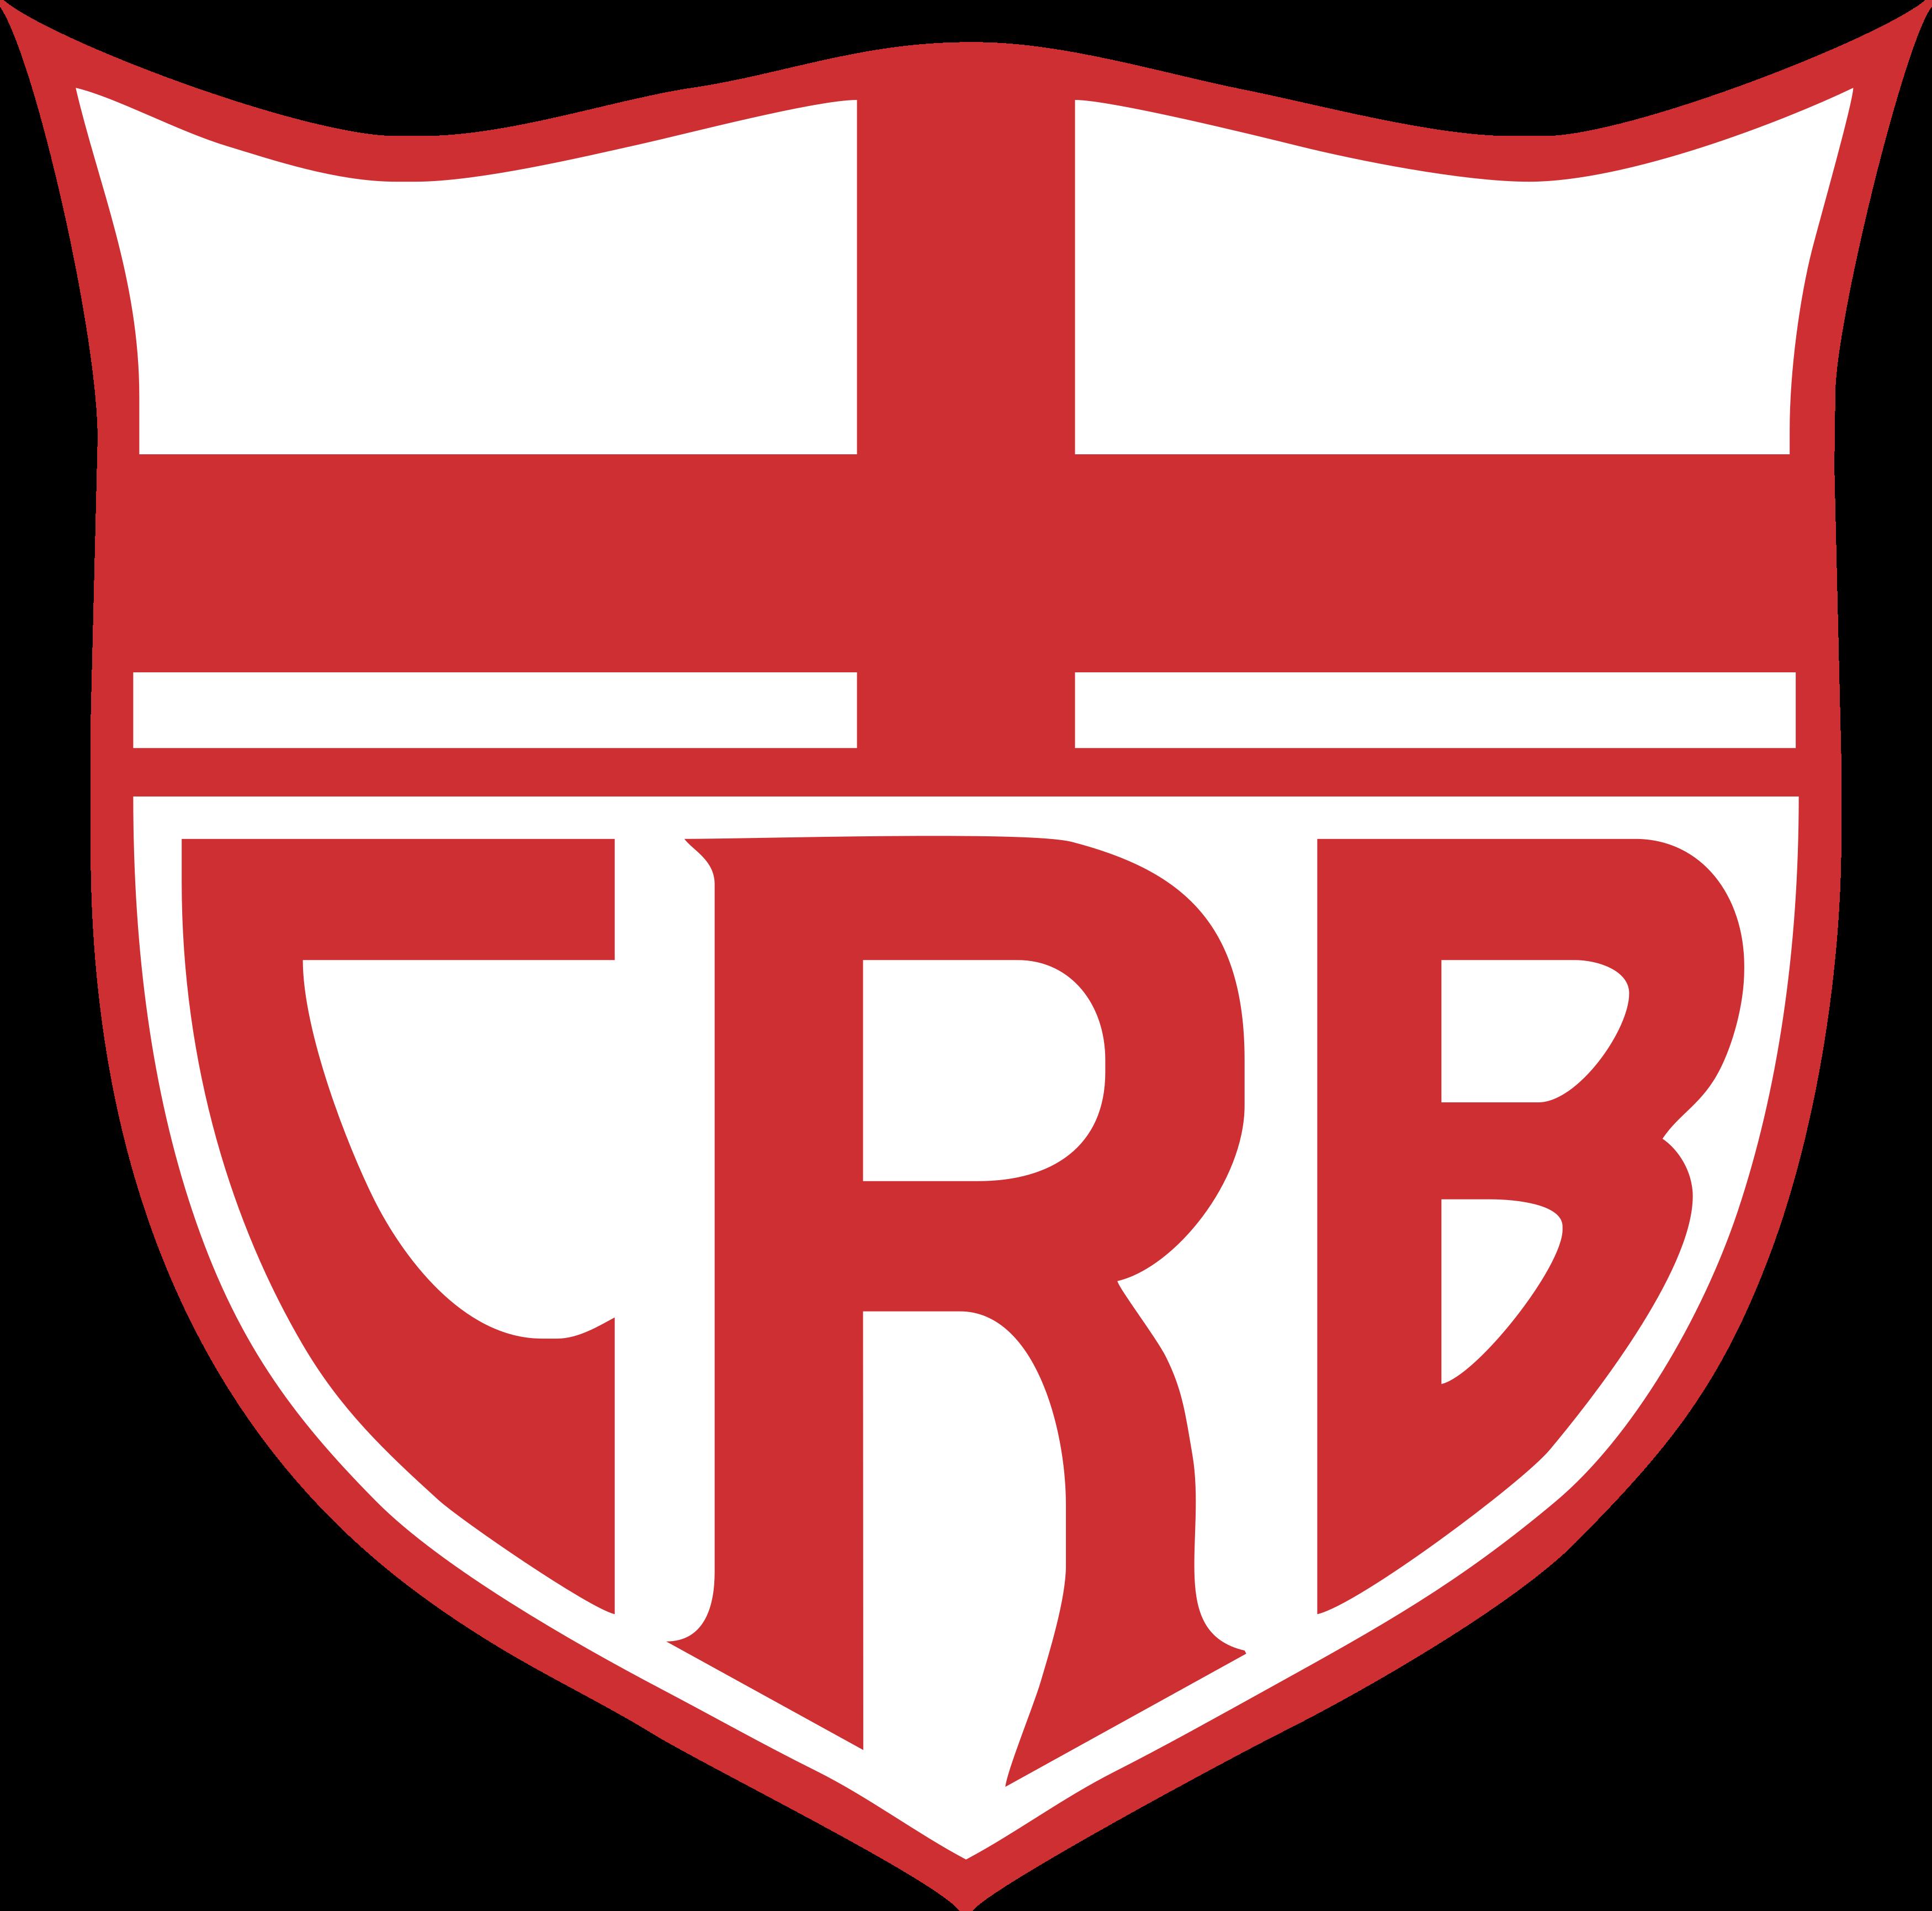 crb logo escudo - CRB Logo - CRB Escudo